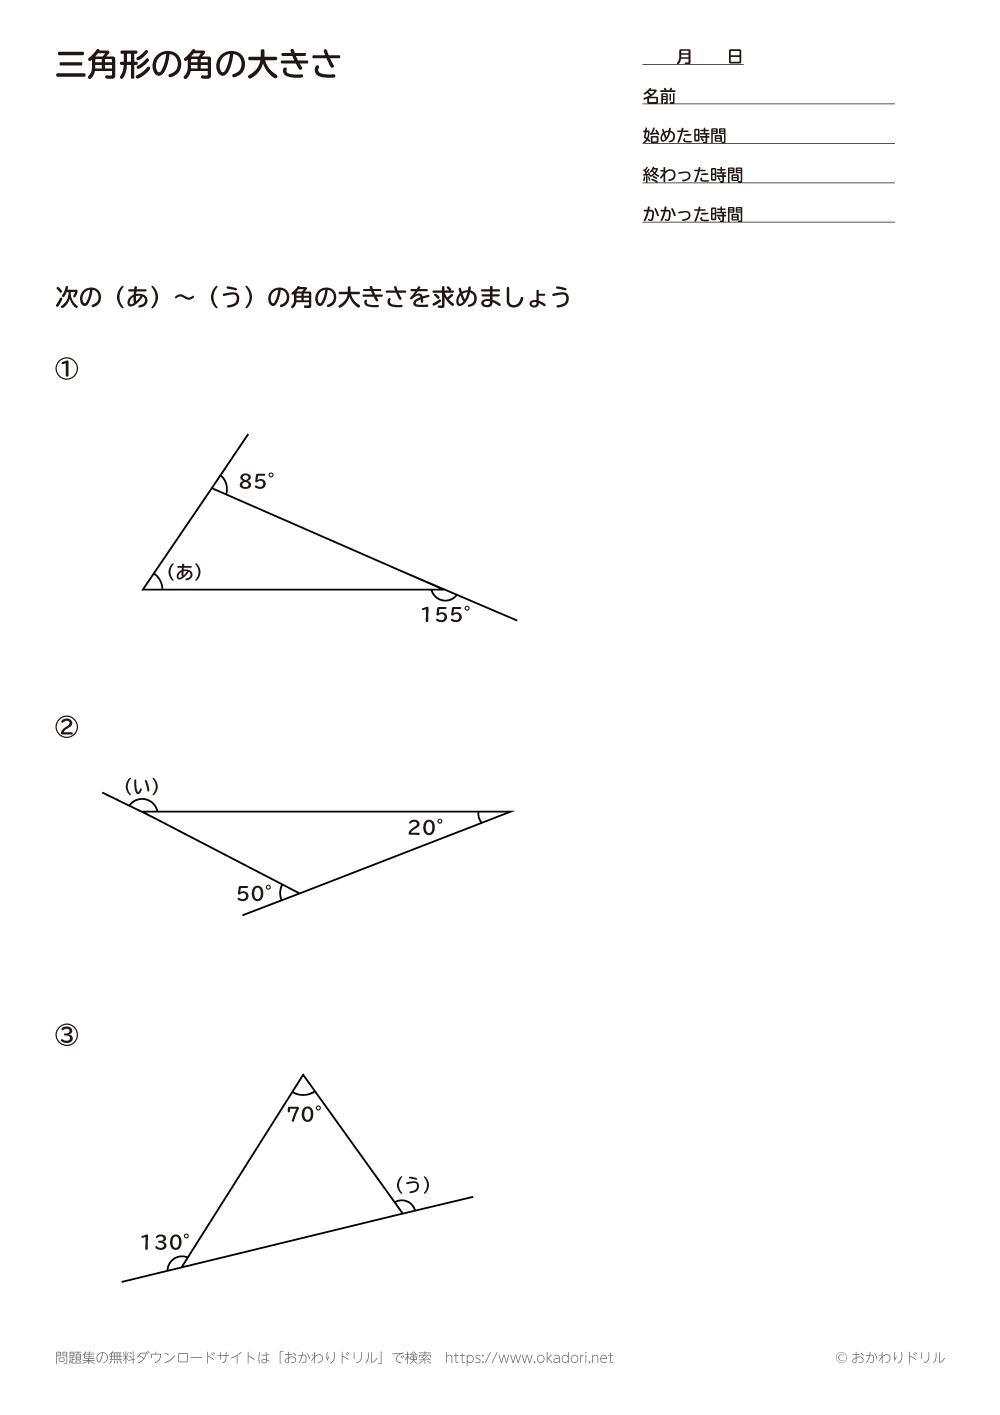 三角形の角の大きさ5